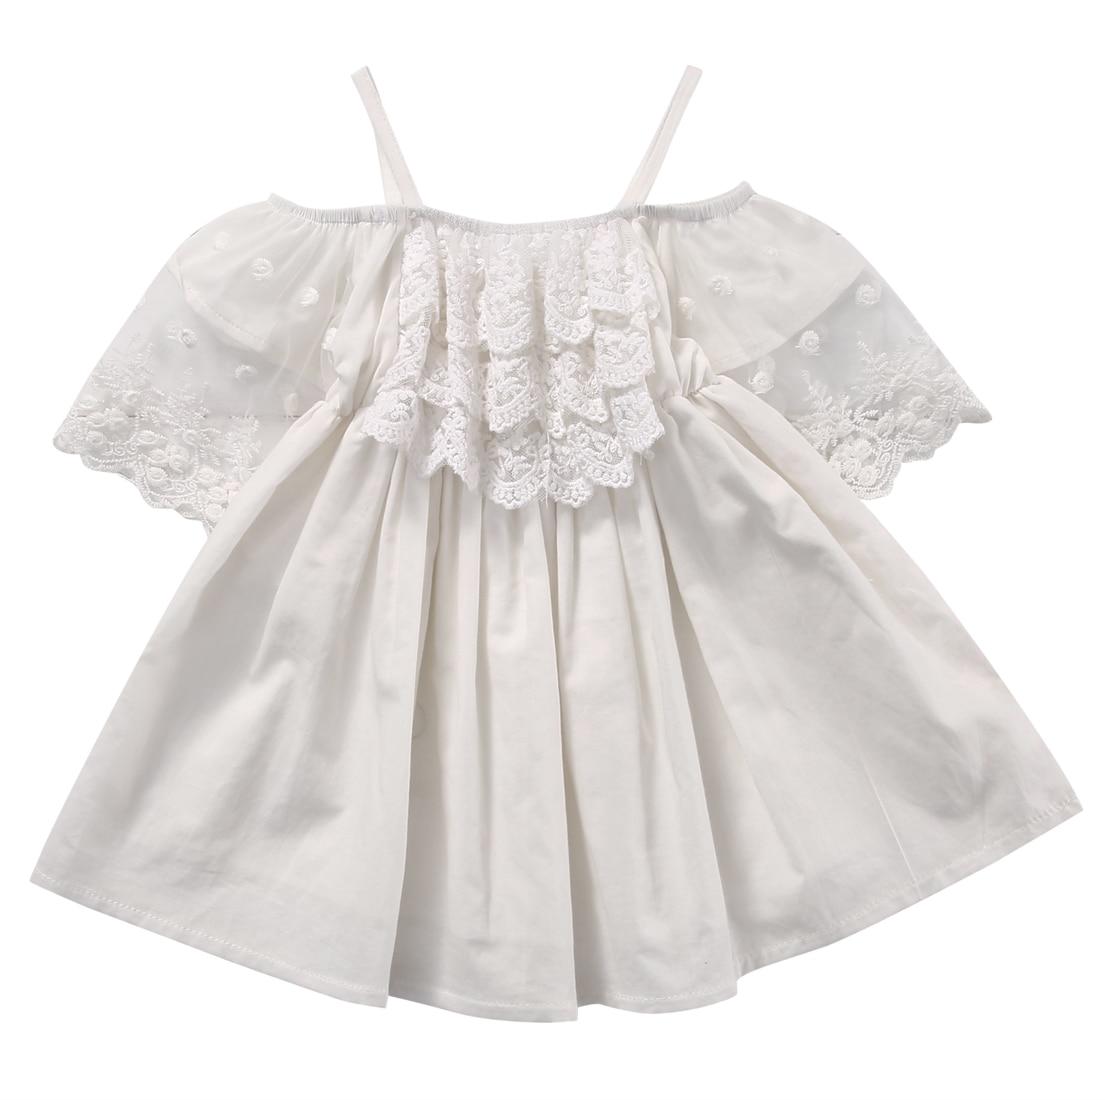 2017 Sommer Kleinkind Kinder Baby Mädchen Schulterfrei White Lace Kleid Prinzessin Girl Party Kleider Kinder Kleidung Ein Stück 2-7y